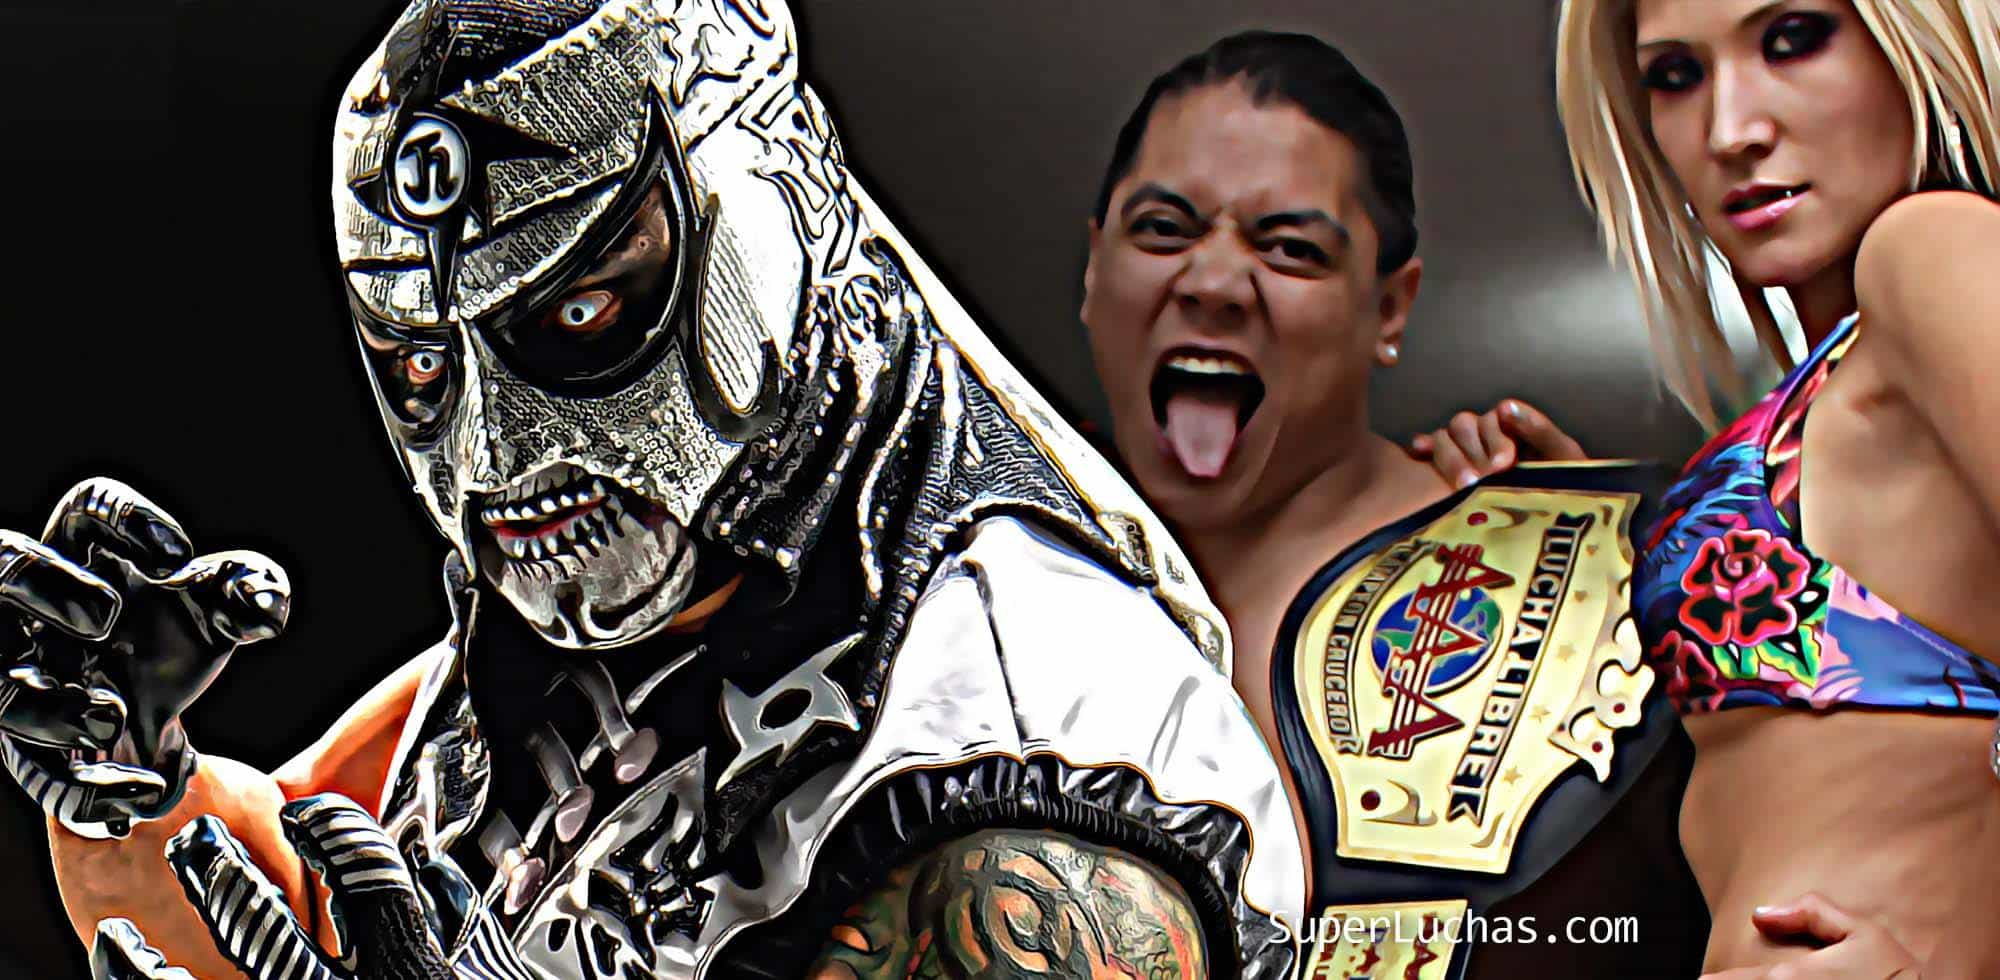 Webshow #LaArena, con Penta Zero M, Garza Jr., Súper Crazy... Además, más del regreso de Super X 1